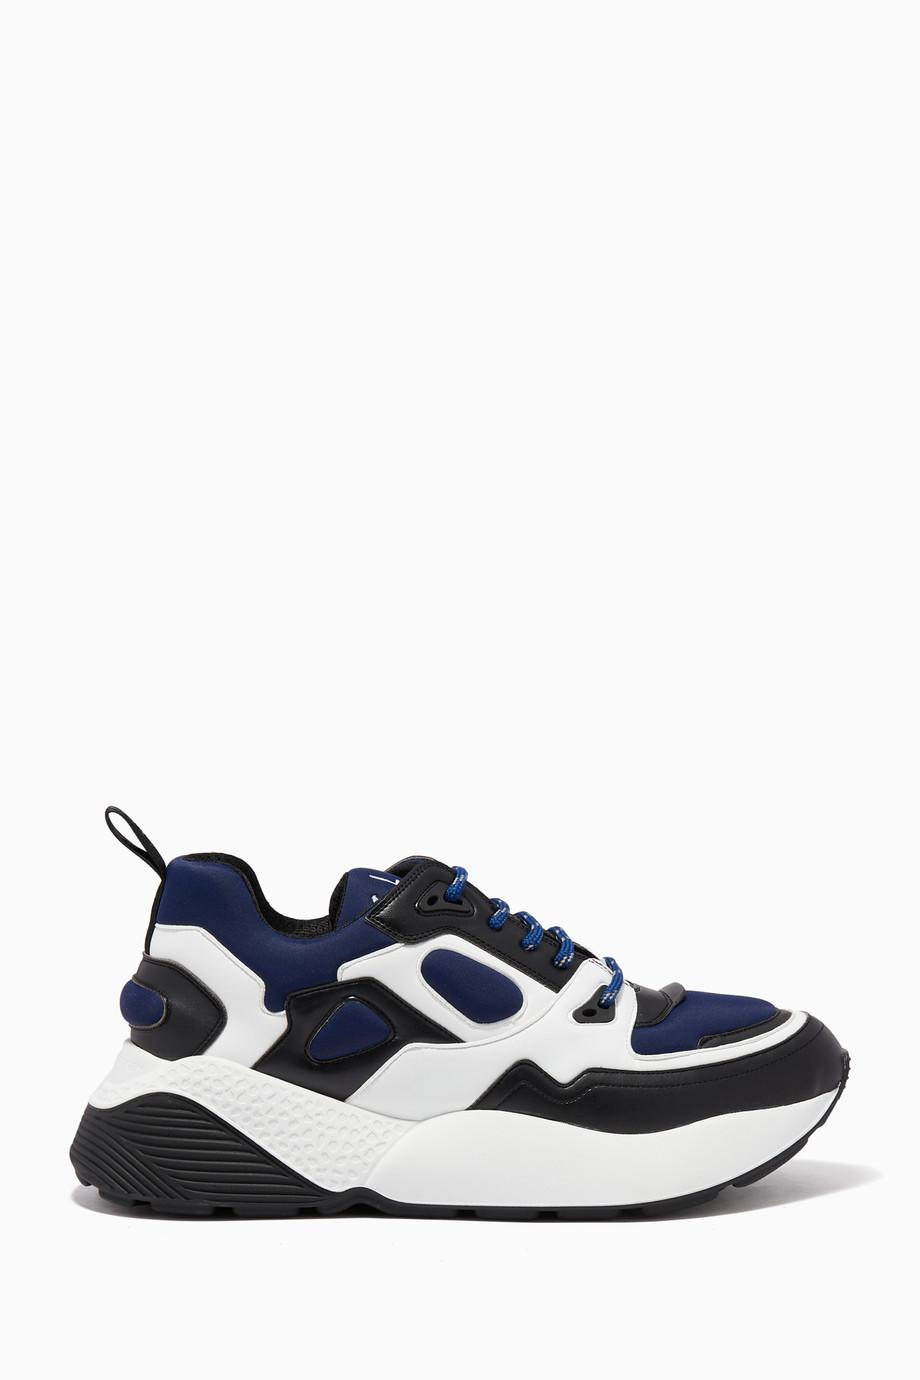 17658a896 تسوق حذاء سنيكرز إكليبس متعدد الألوان ستيلا مكارتني أزرق للرجال ...